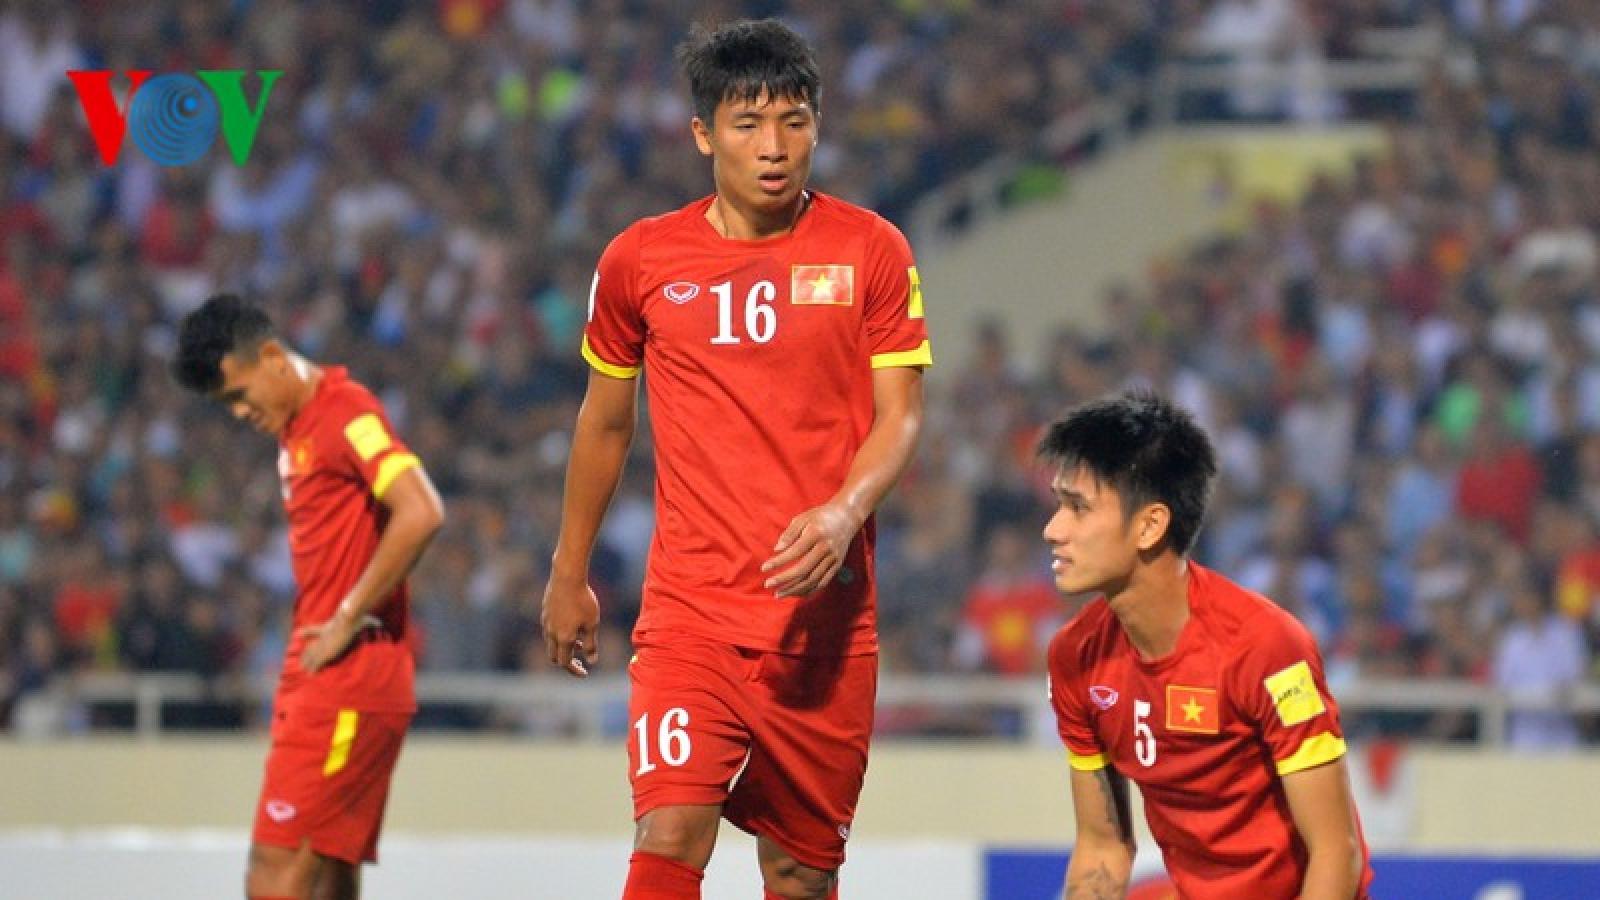 """Ngày này năm xưa: ĐT Thái Lan thắng đậm ĐT Việt Nam nhờ lối chơi """"Tiktok"""""""